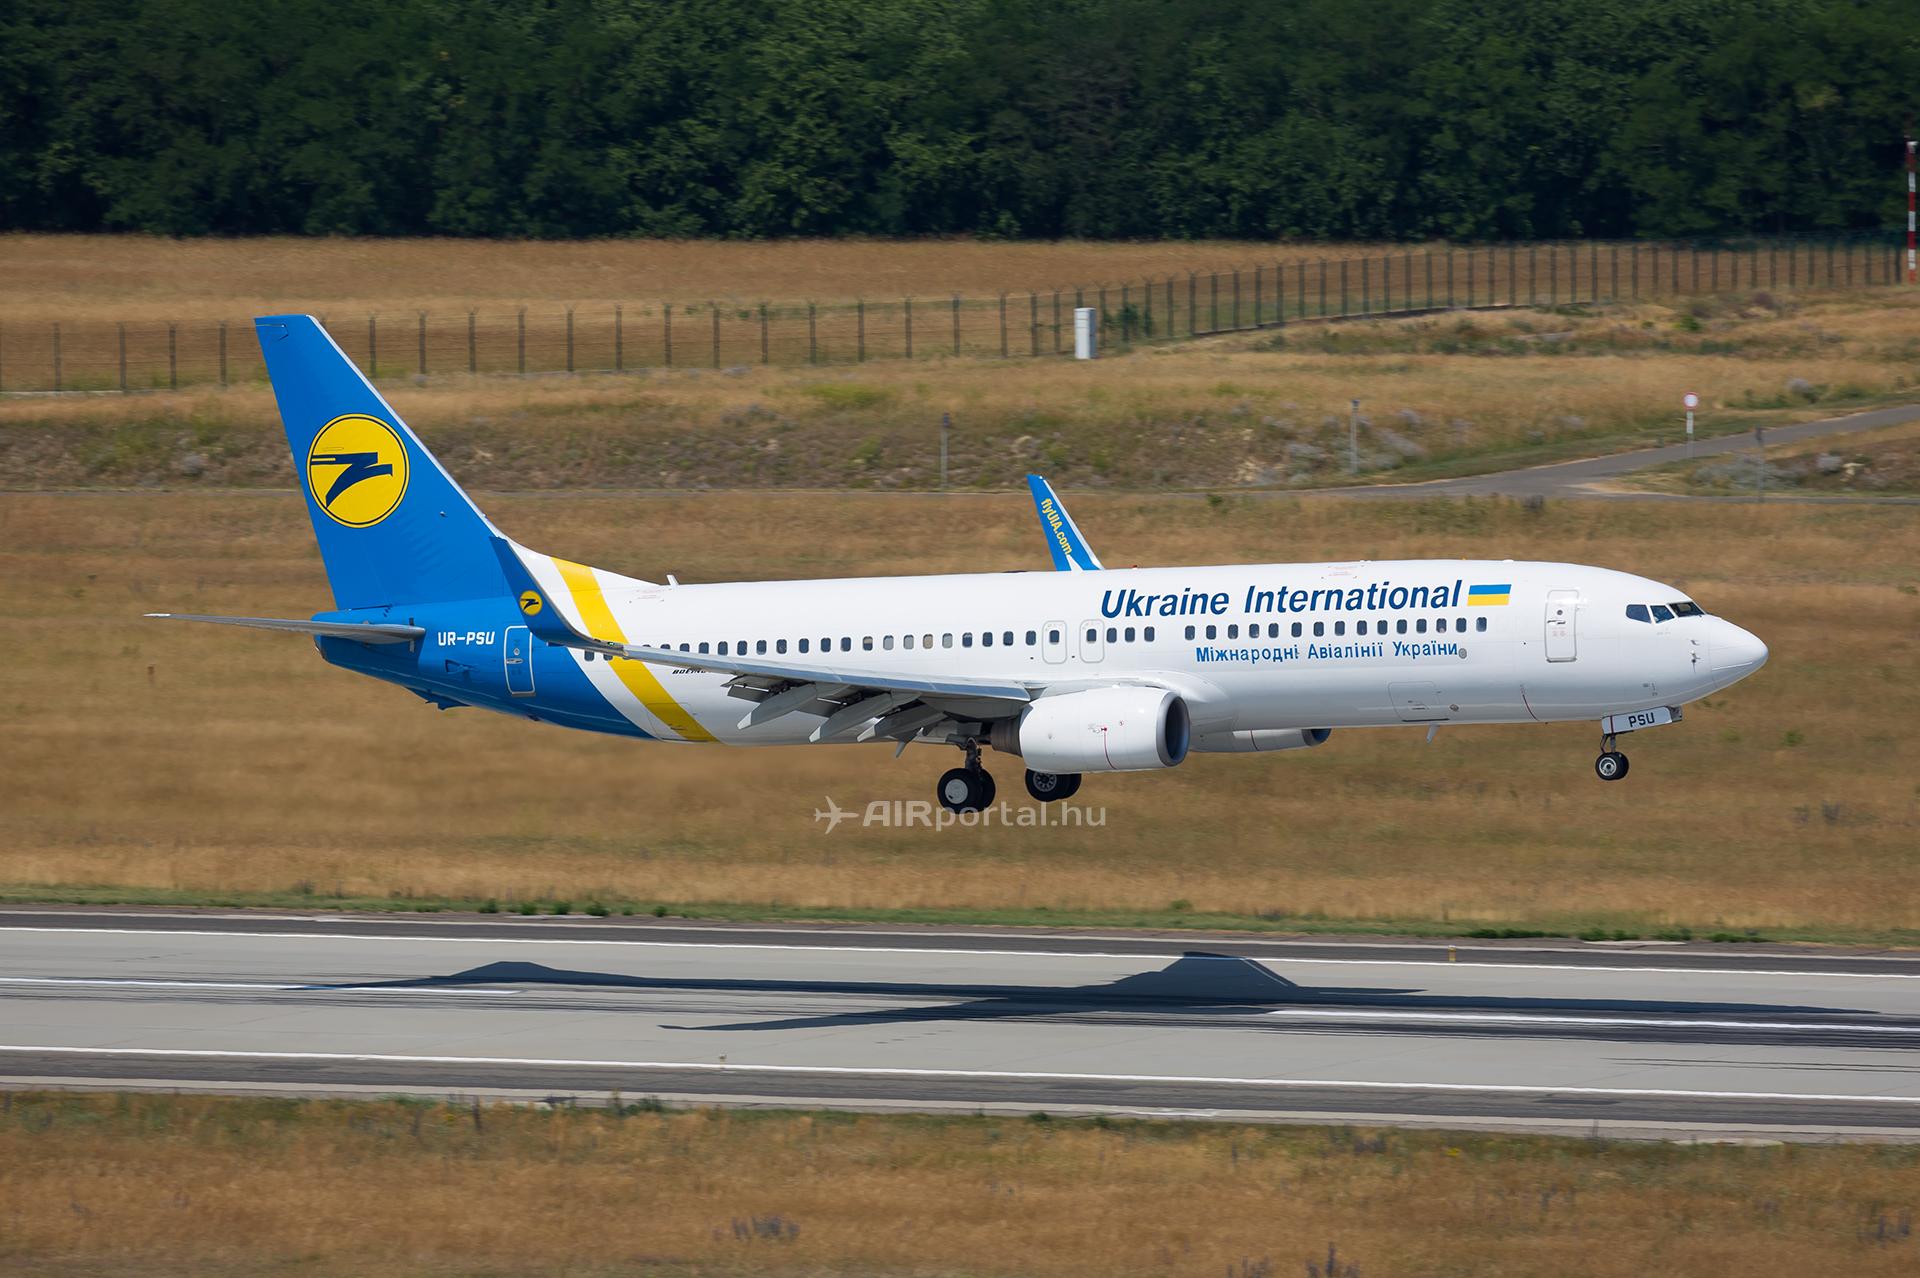 Az Ukraine International Airlines első járatának leszállása Ferihegyen. (Fotó: AIRportal.hu) | © AIRportal.hu